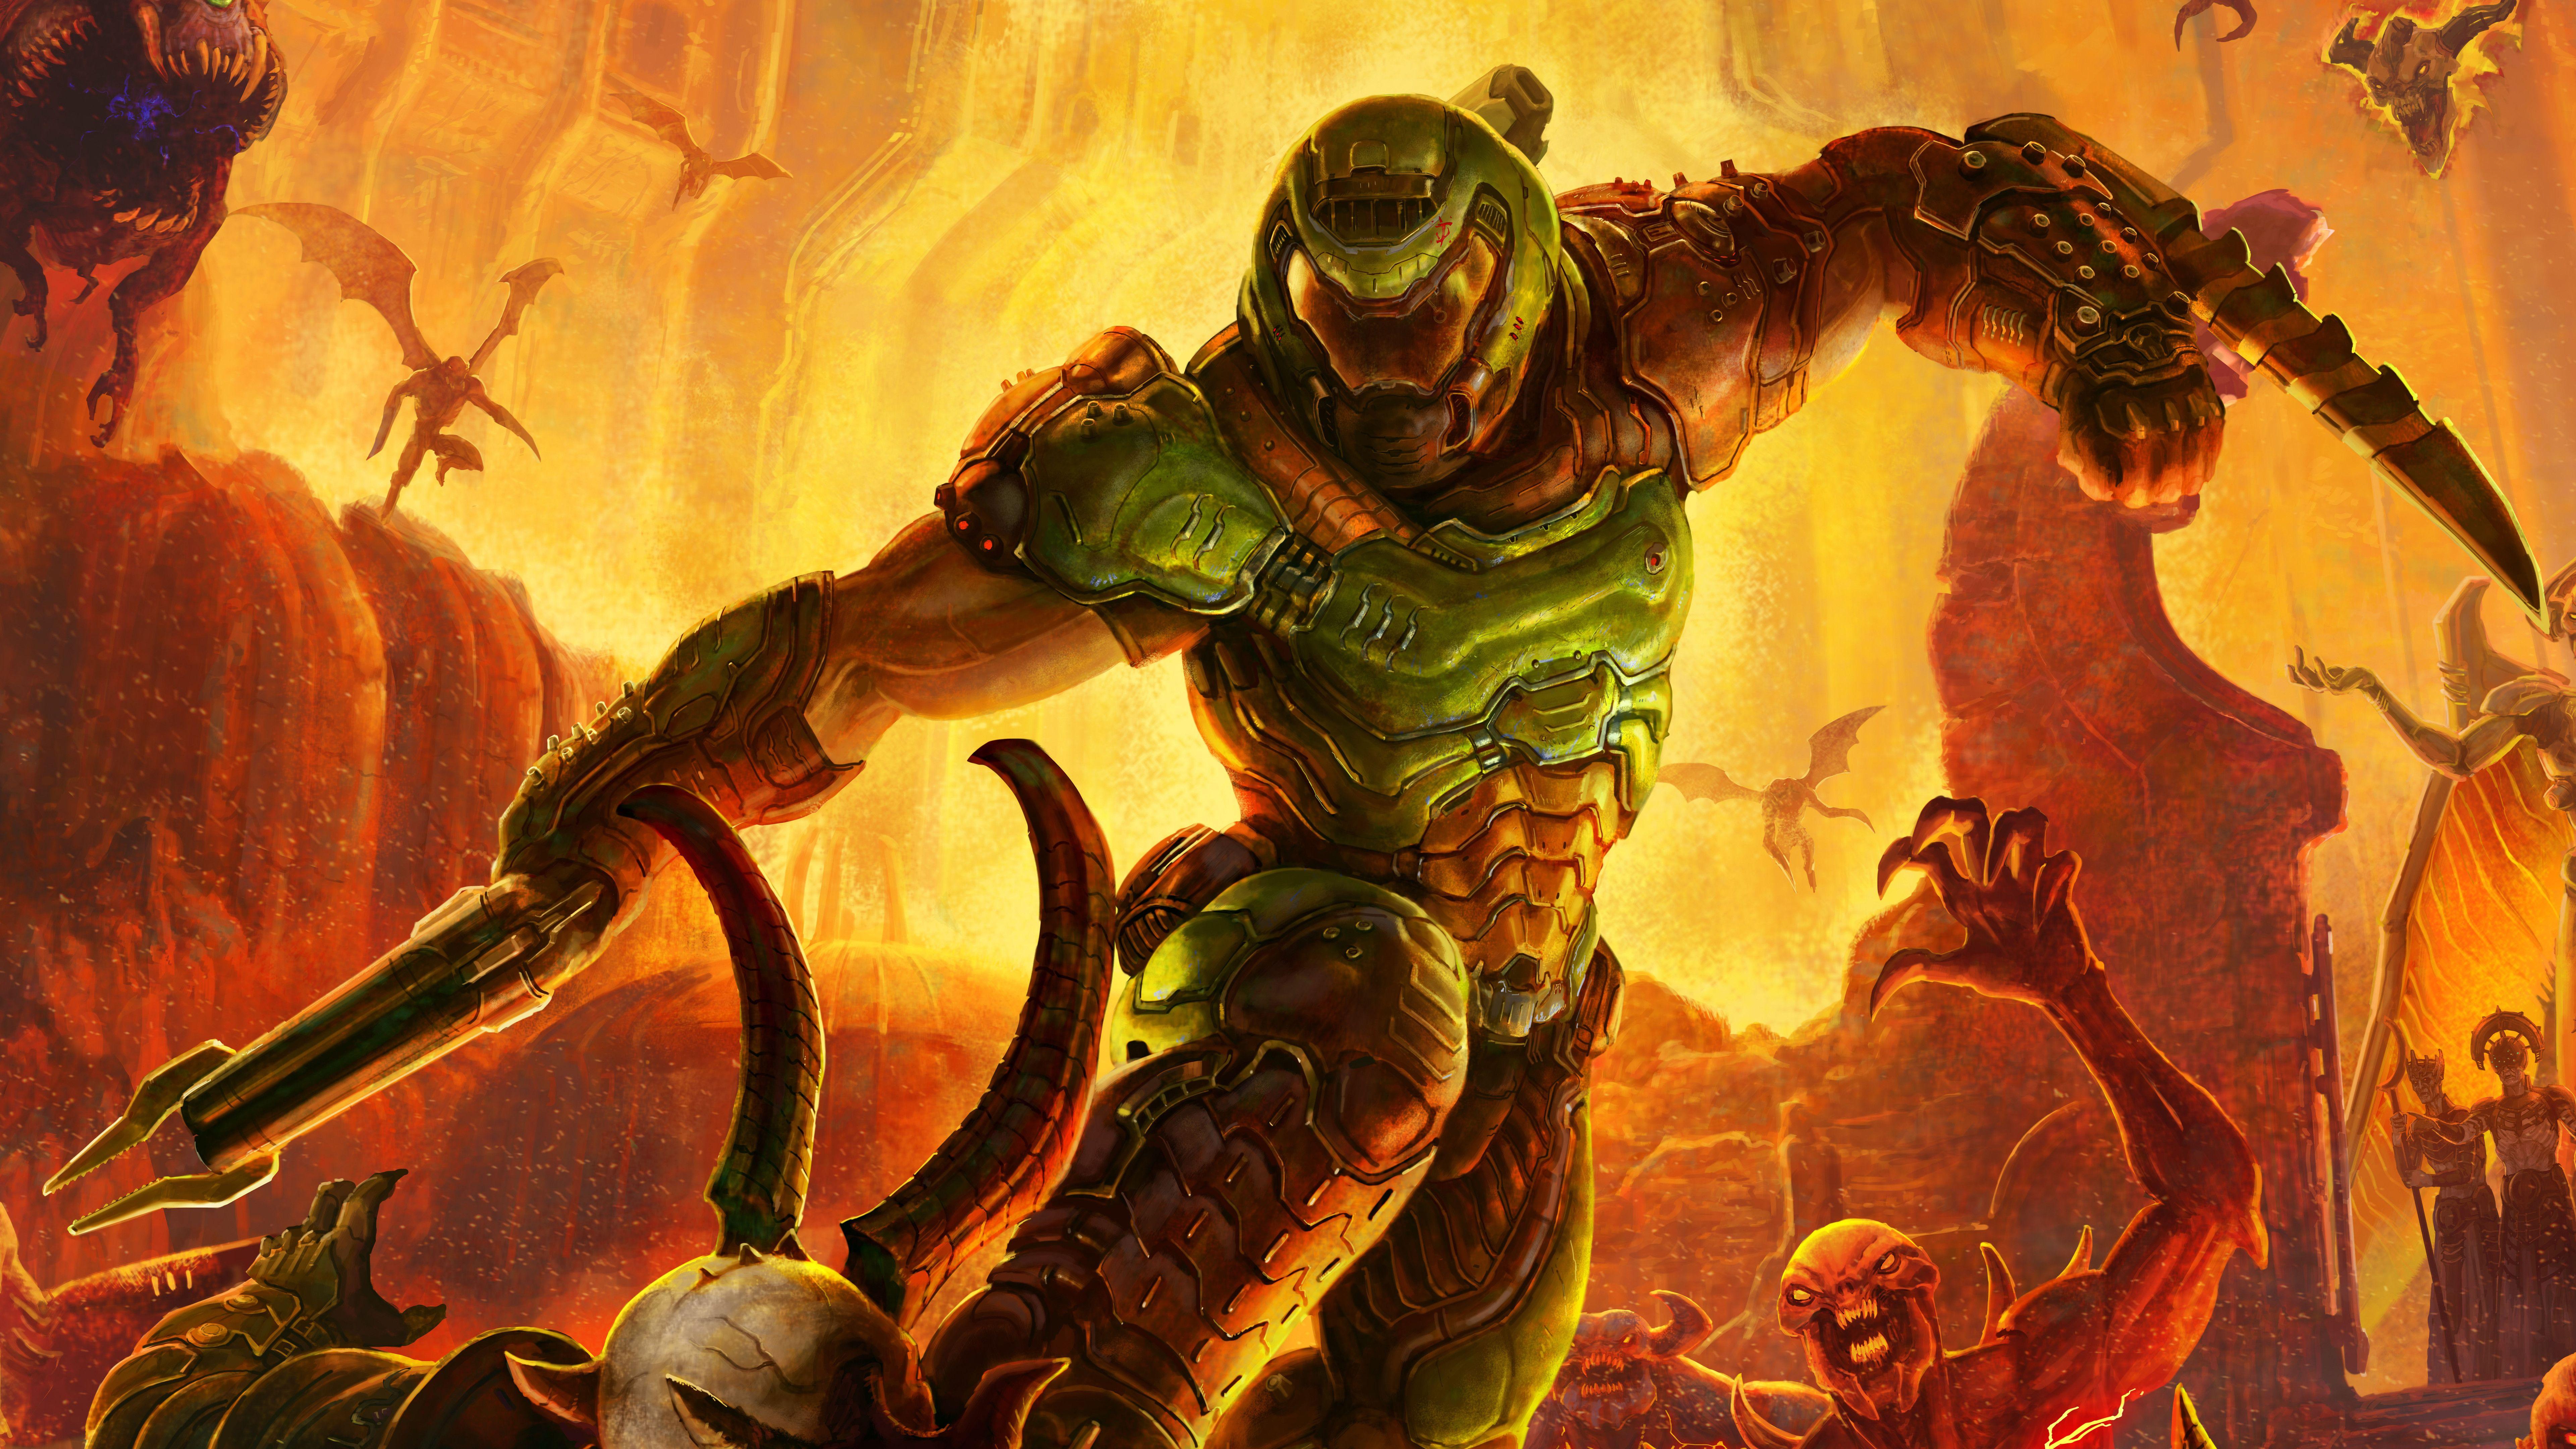 Best Doom Wallpaper 4k & HD for PC & Mobile 14